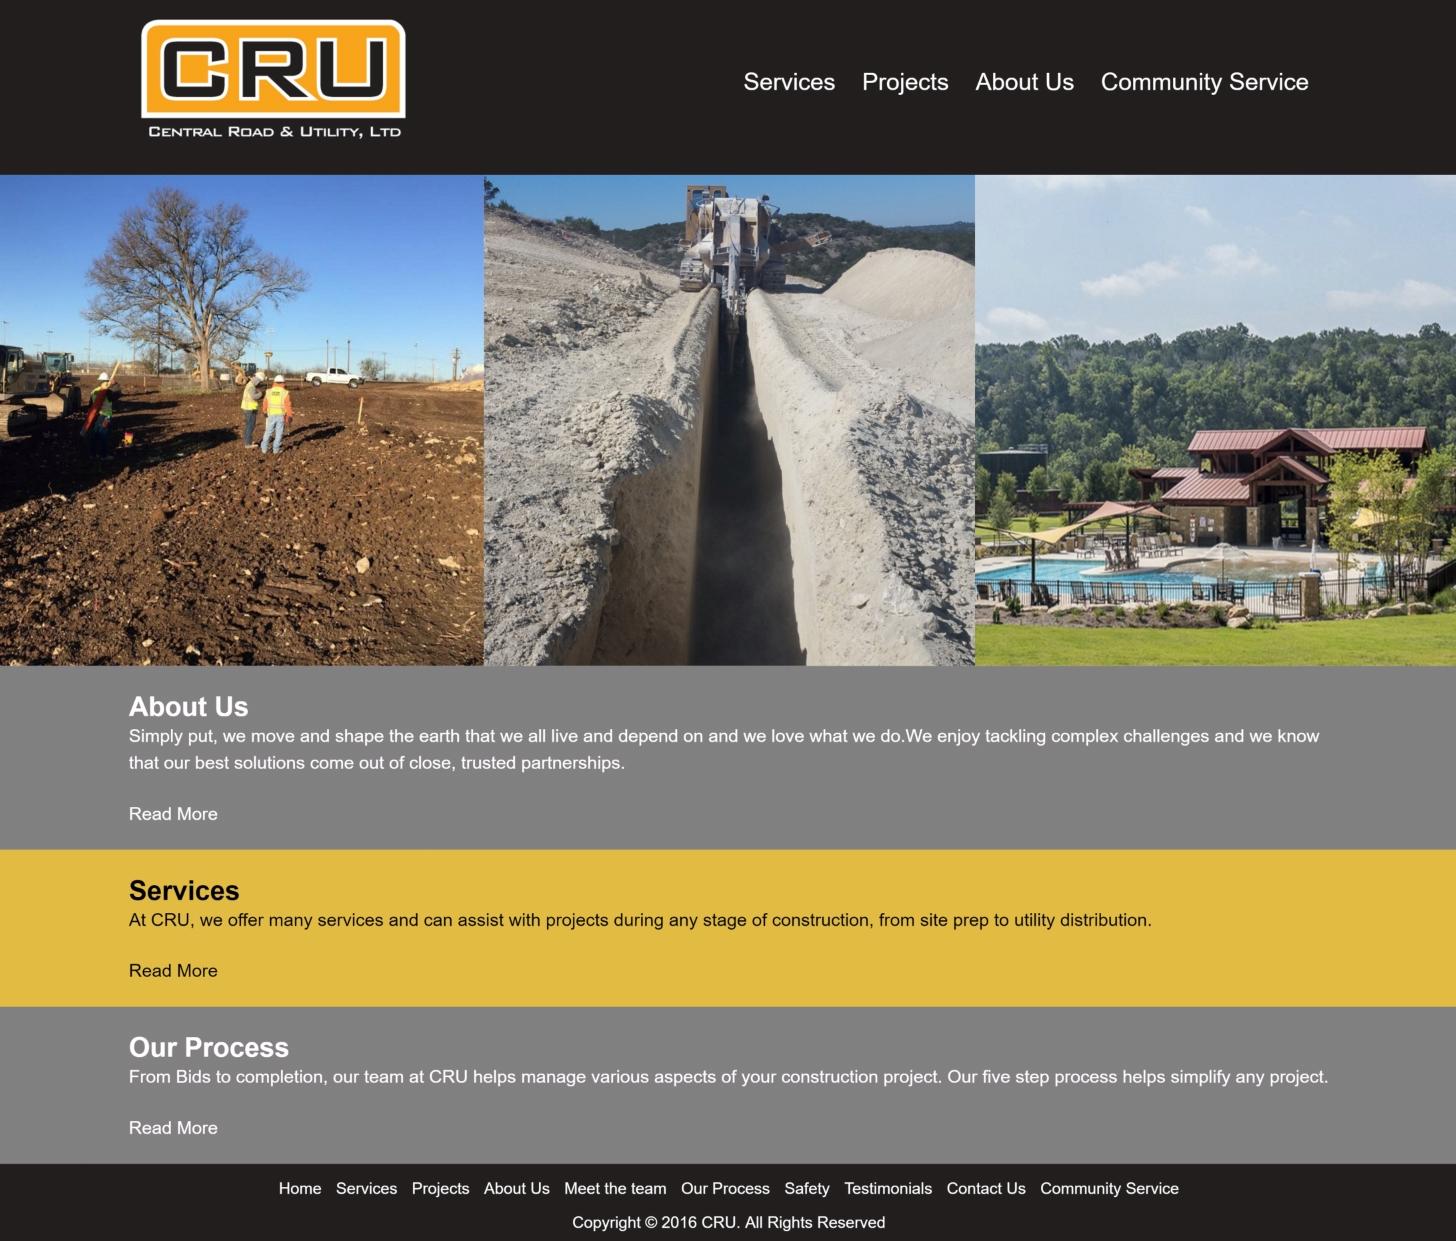 cru-home-page-screenshot-portfolio